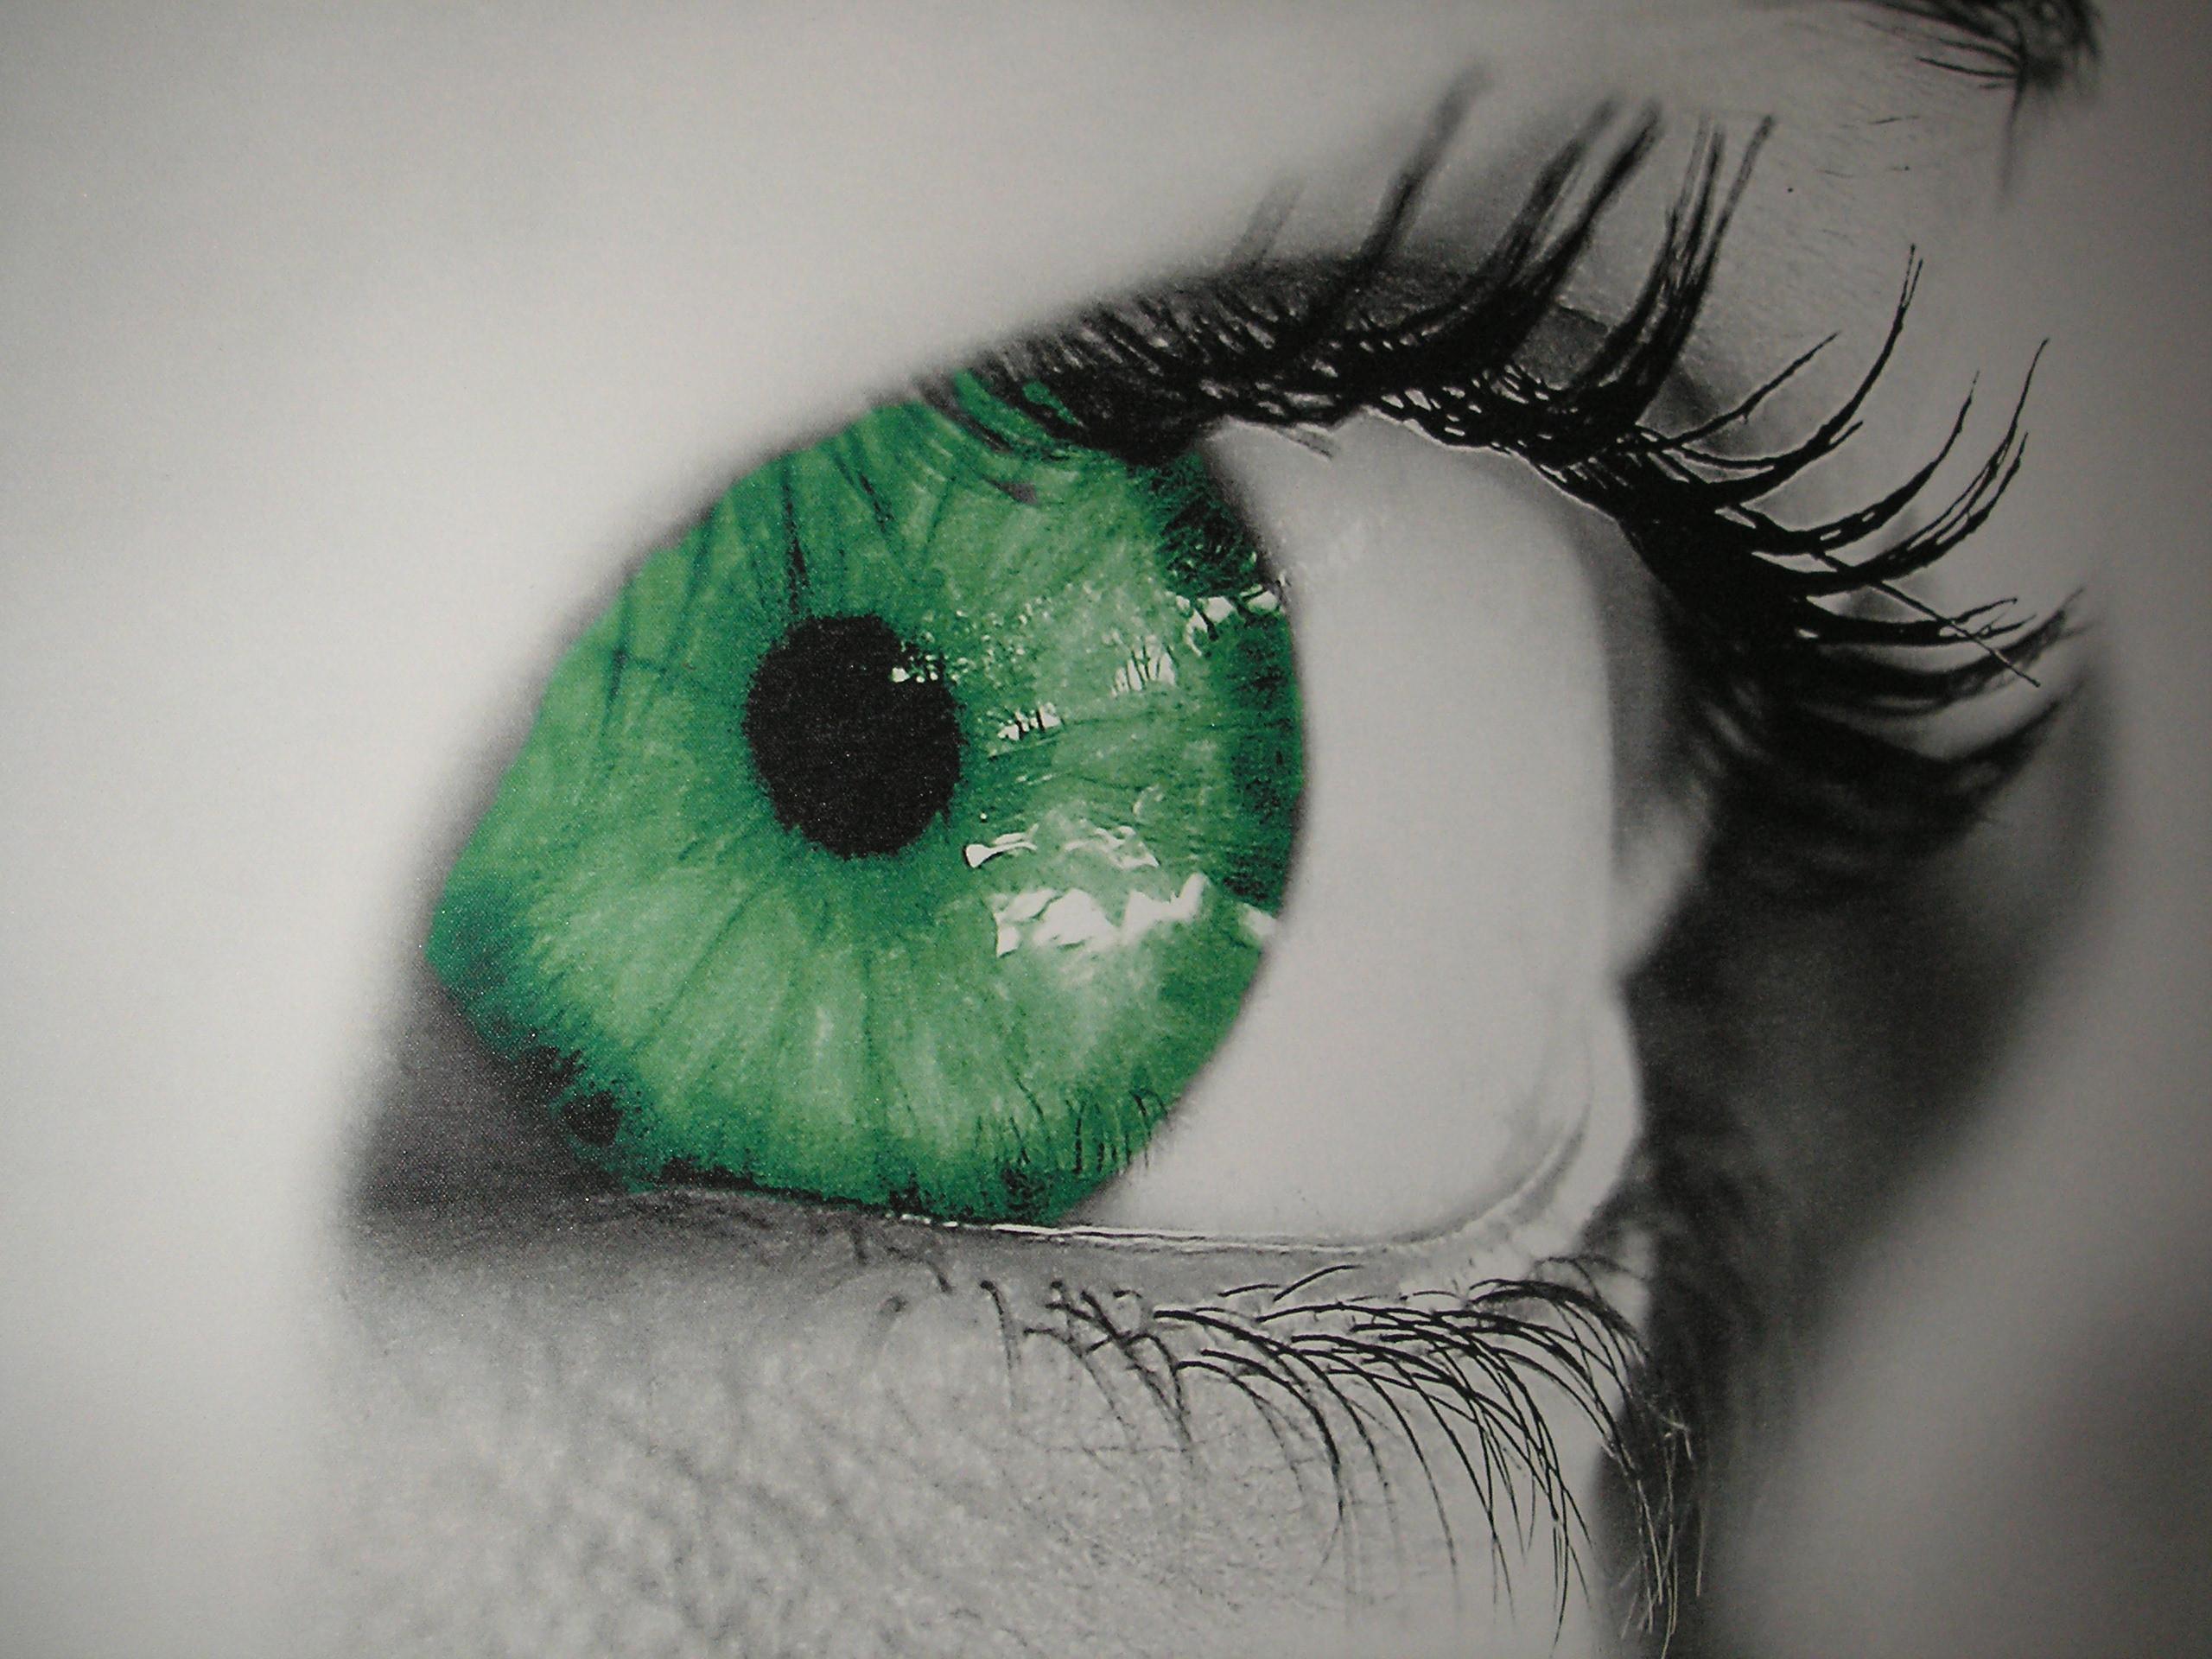 Kontaktlinsenanpassung